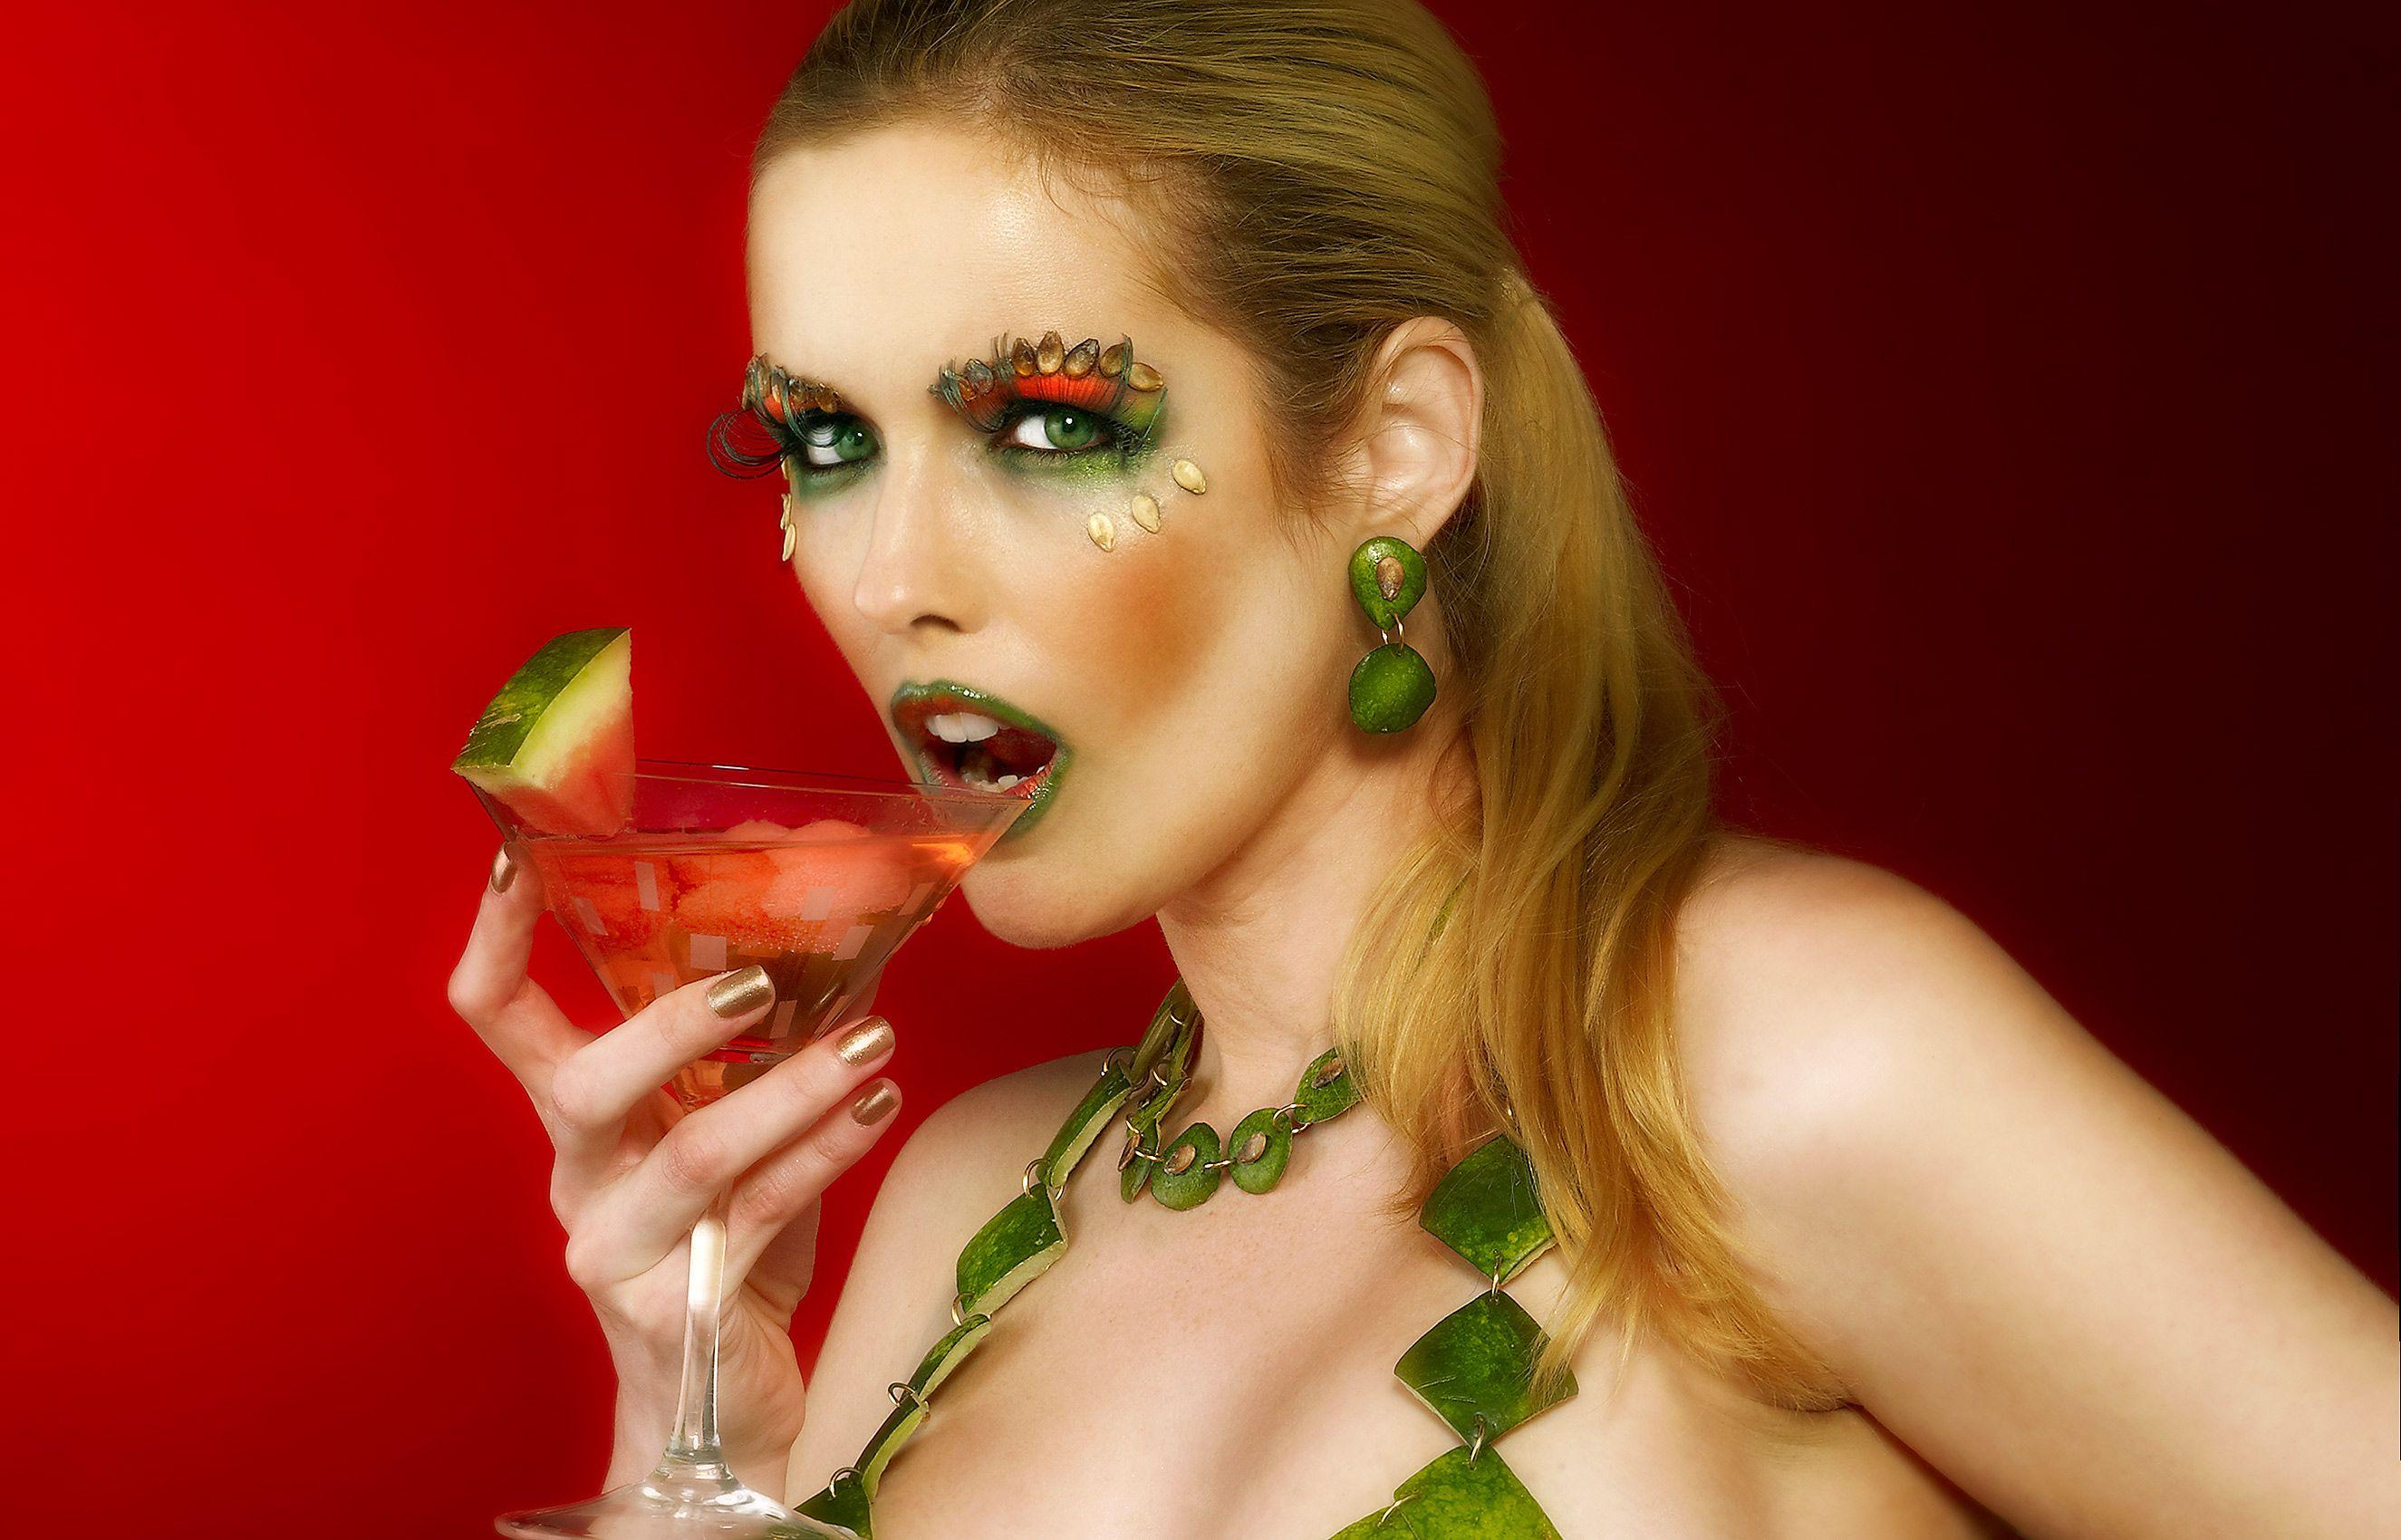 watermelon_52_Suzi.jpg